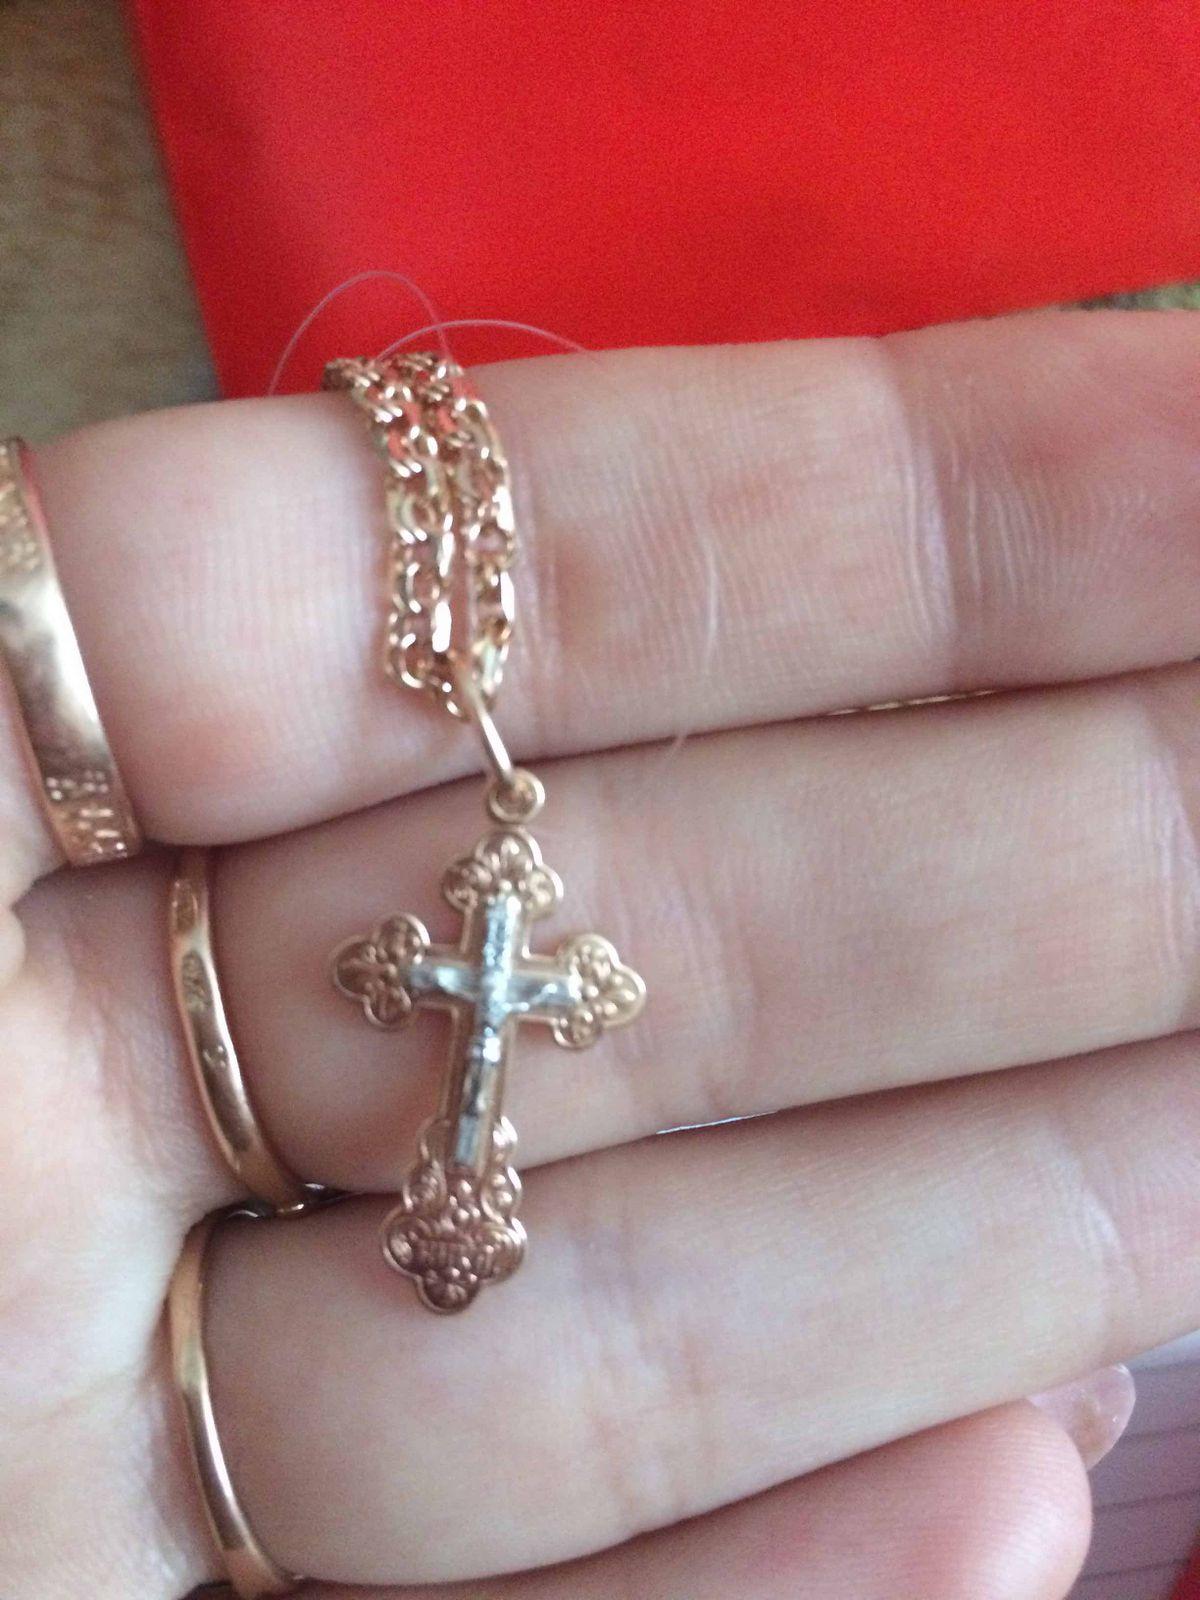 Хороший крестик выбирала подарок на новый год парню